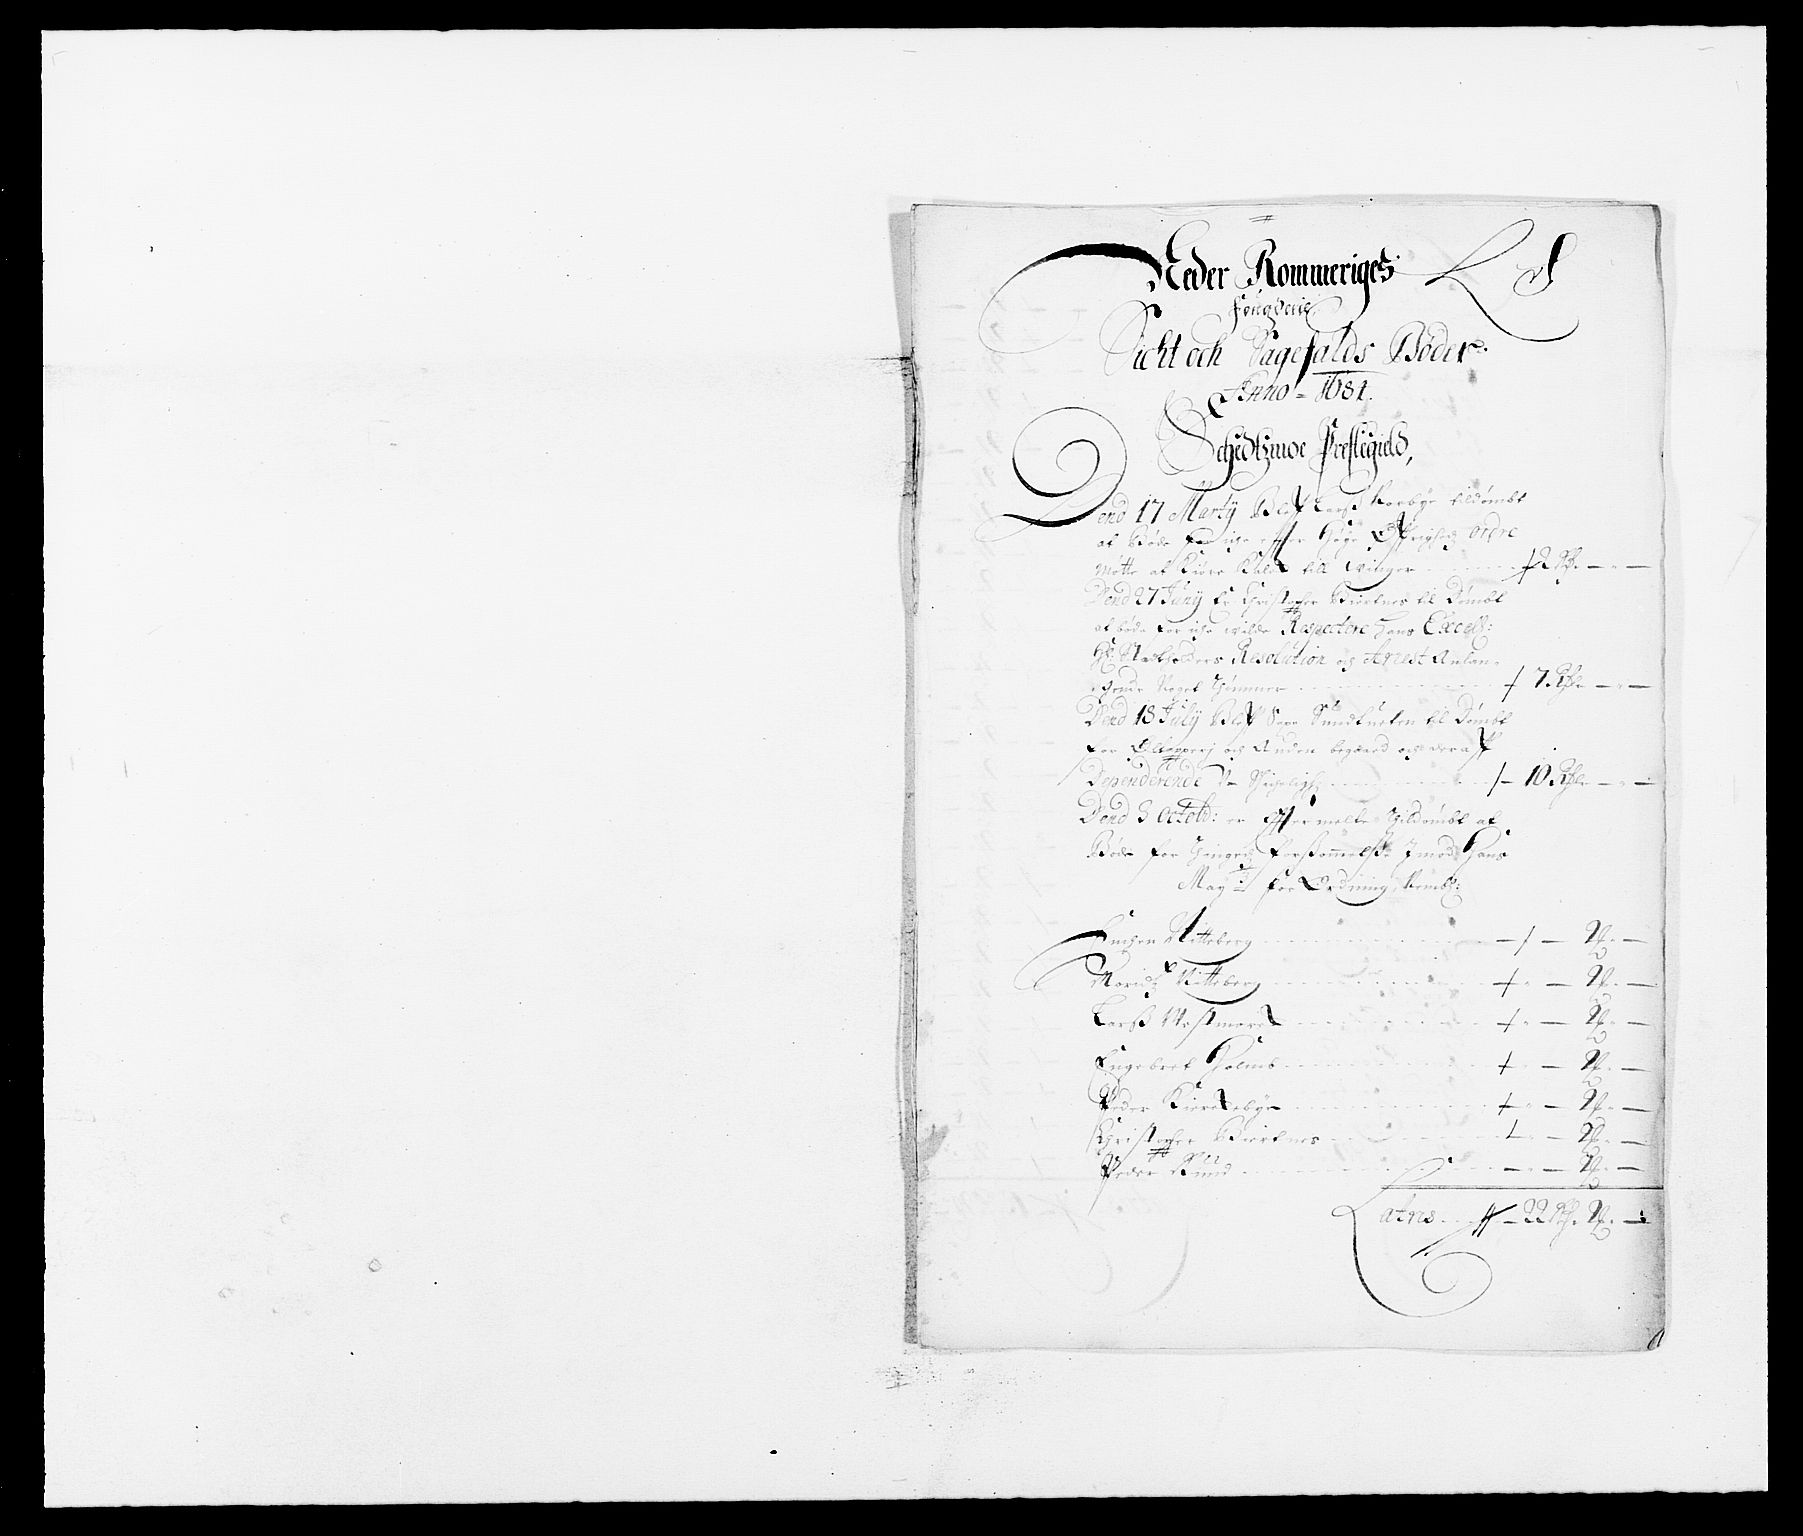 RA, Rentekammeret inntil 1814, Reviderte regnskaper, Fogderegnskap, R11/L0571: Fogderegnskap Nedre Romerike, 1683-1685, s. 203